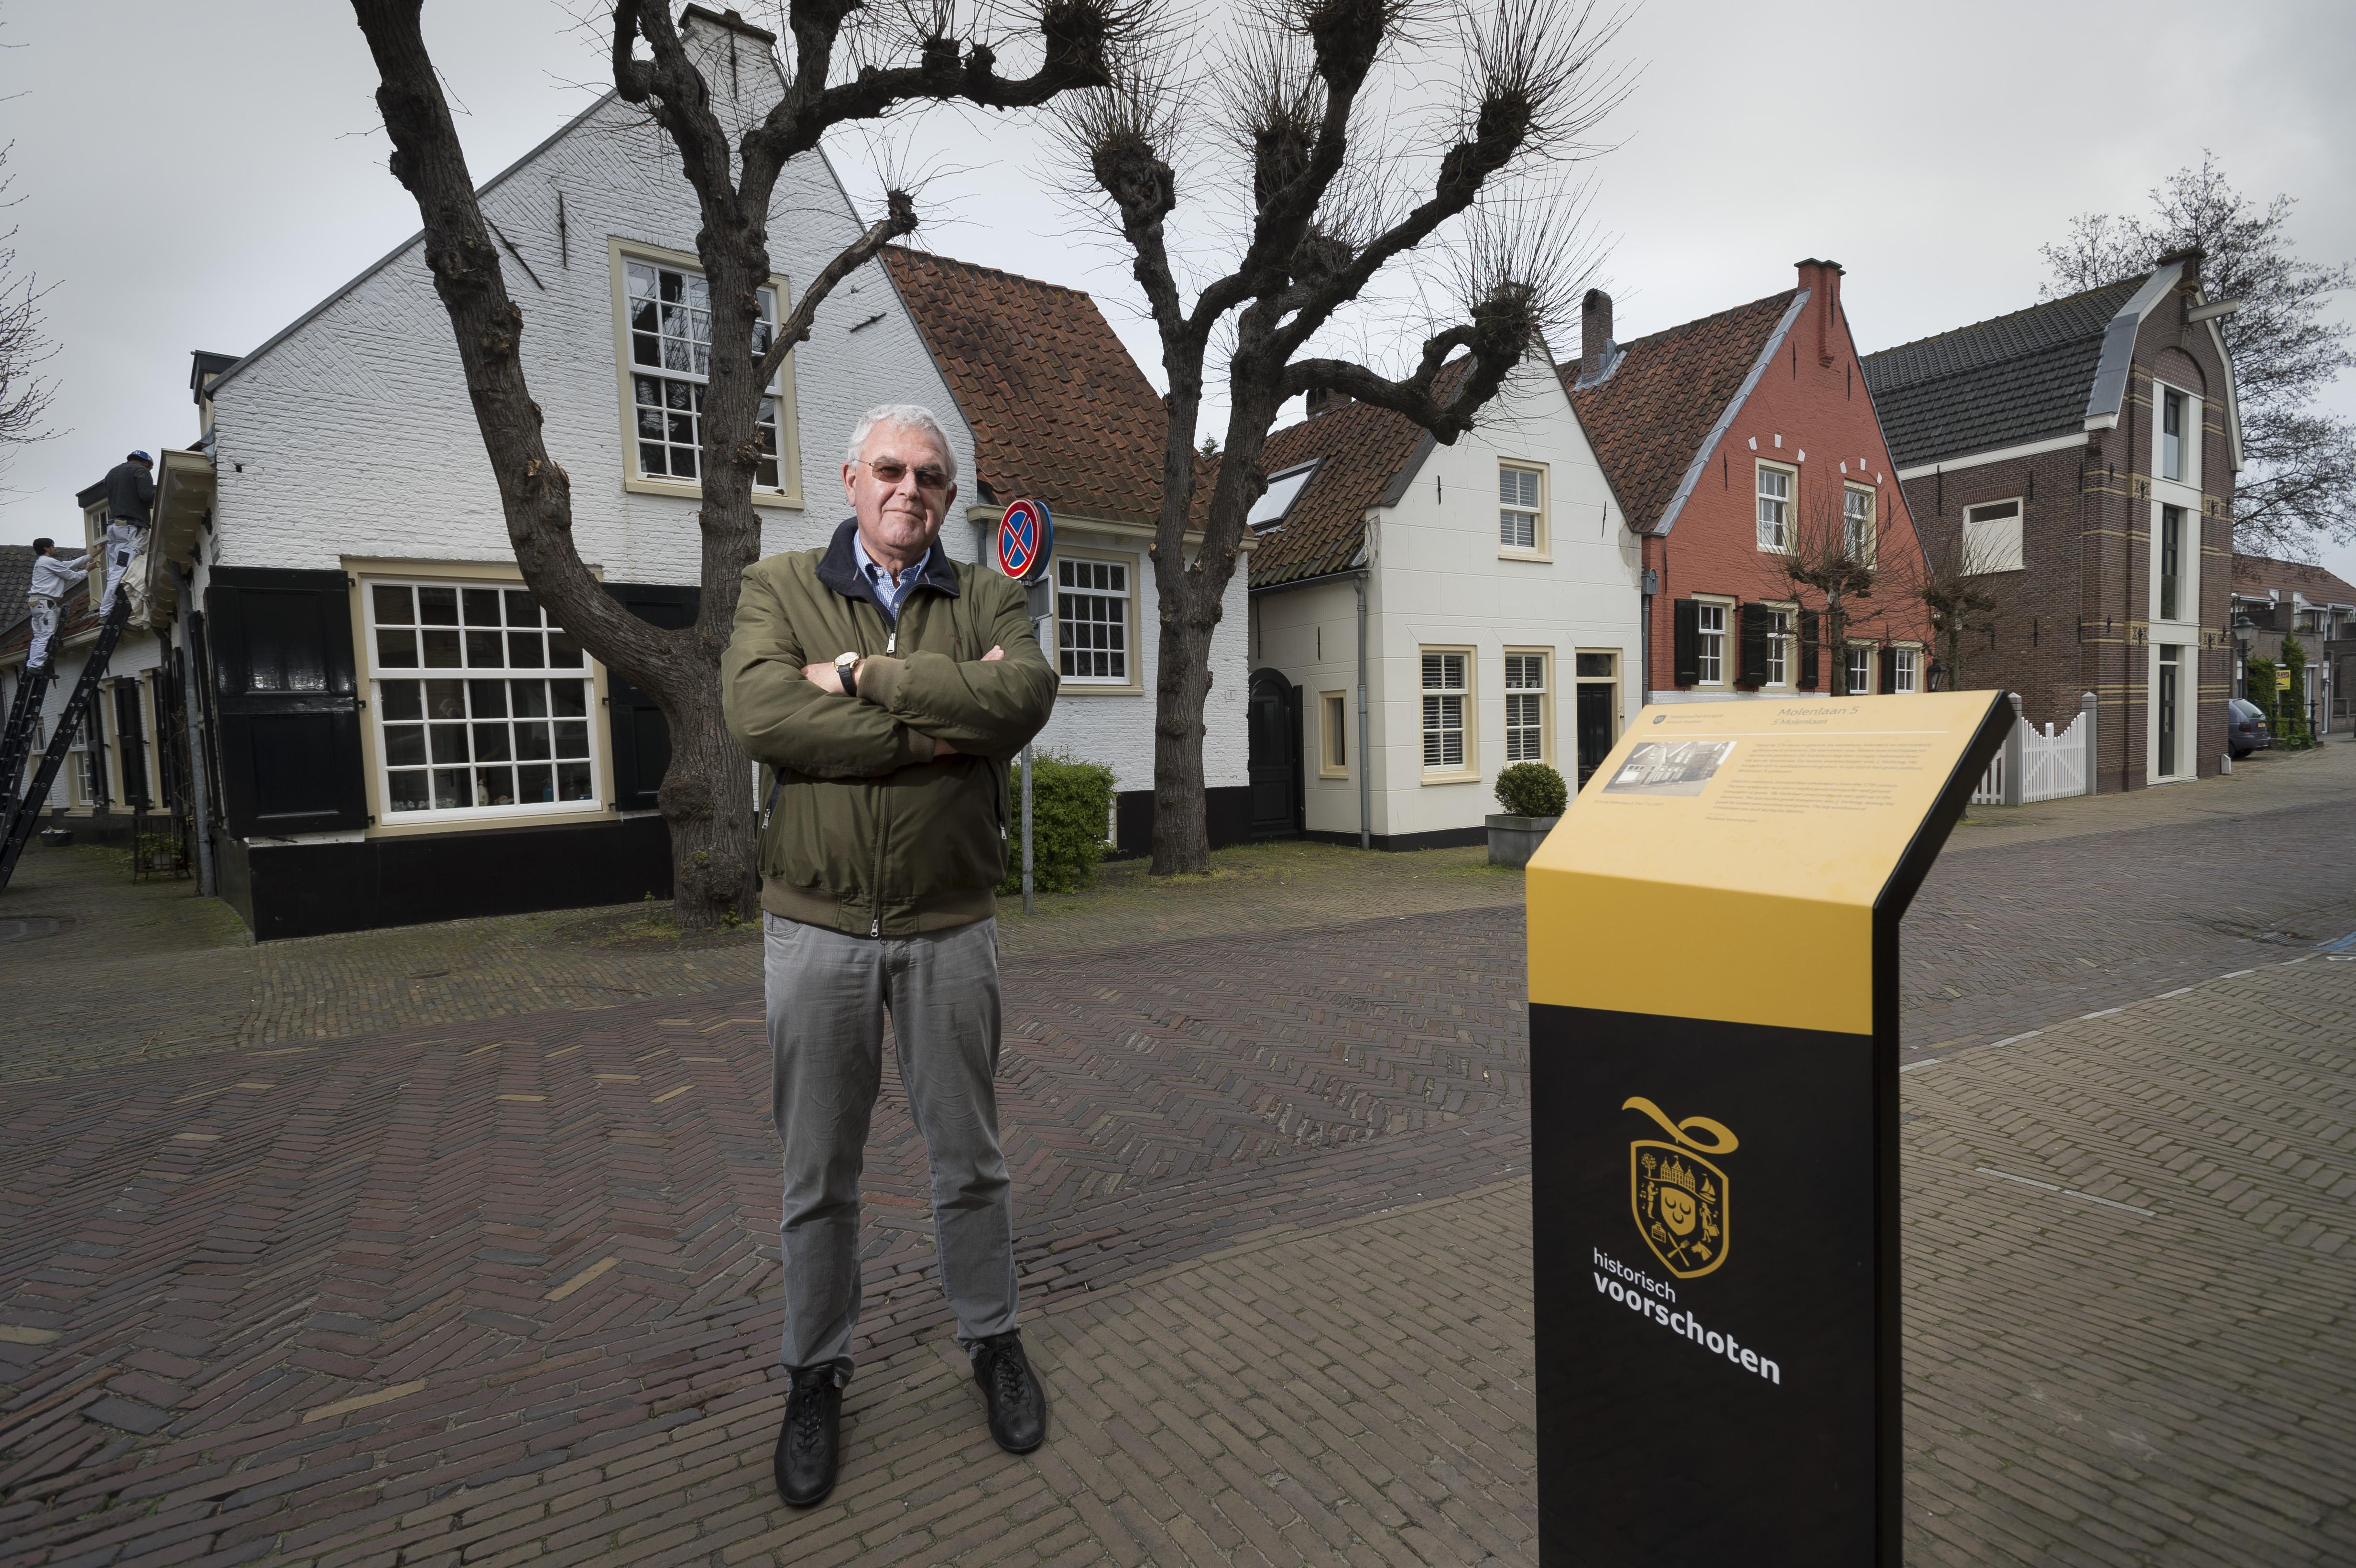 Adviesclub over centrum Voorschoten stapt teleurgesteld op: 'We worden niet gehoord'